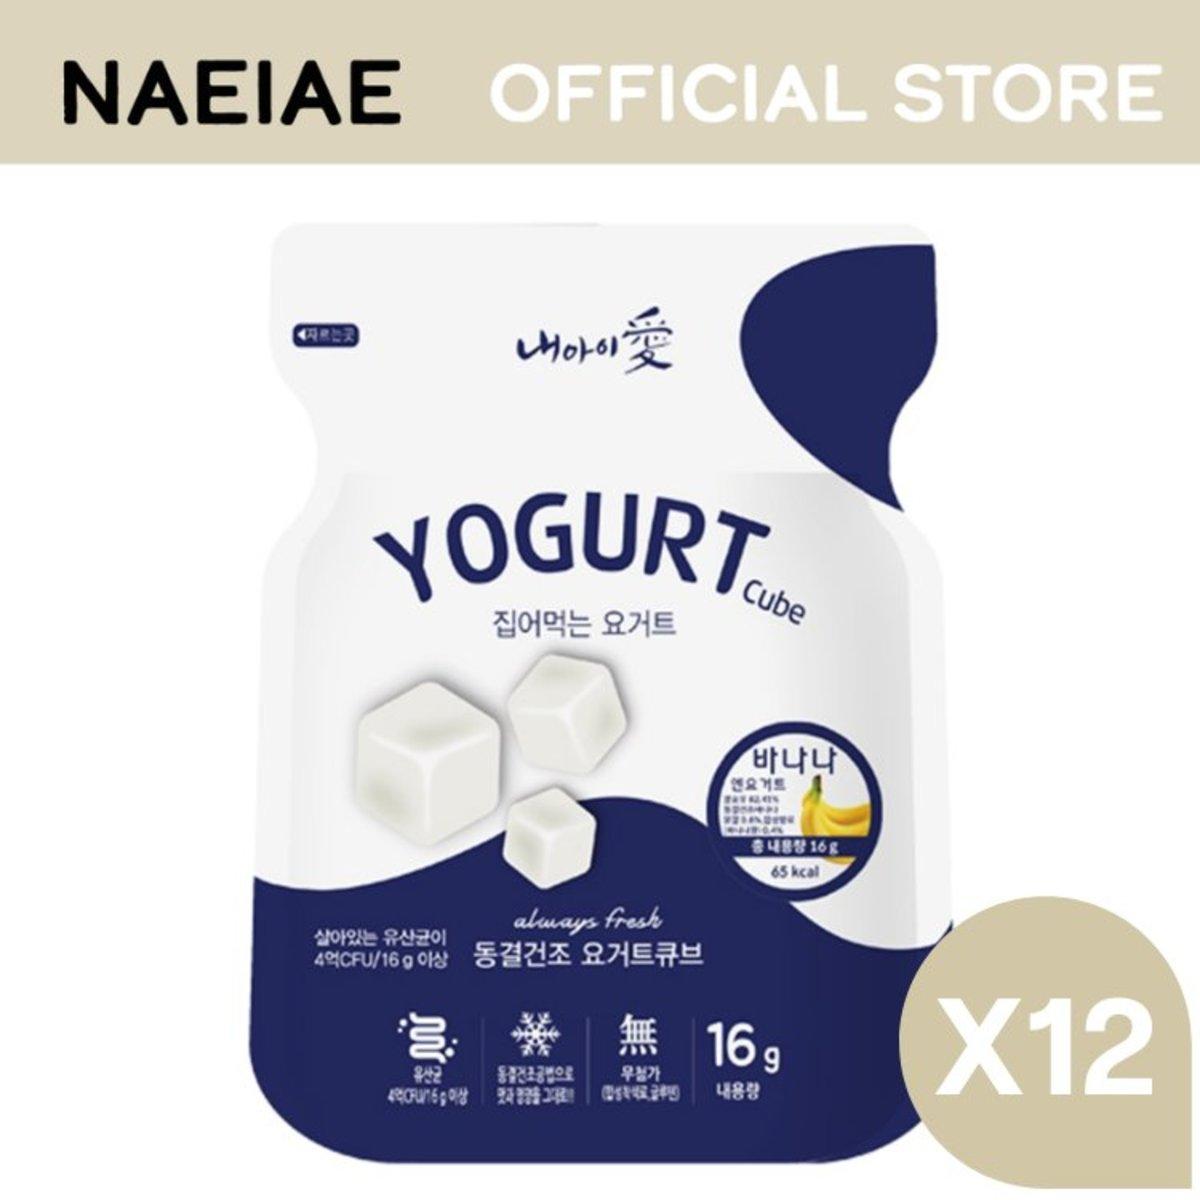 Yogurt cube - Banana X12packs